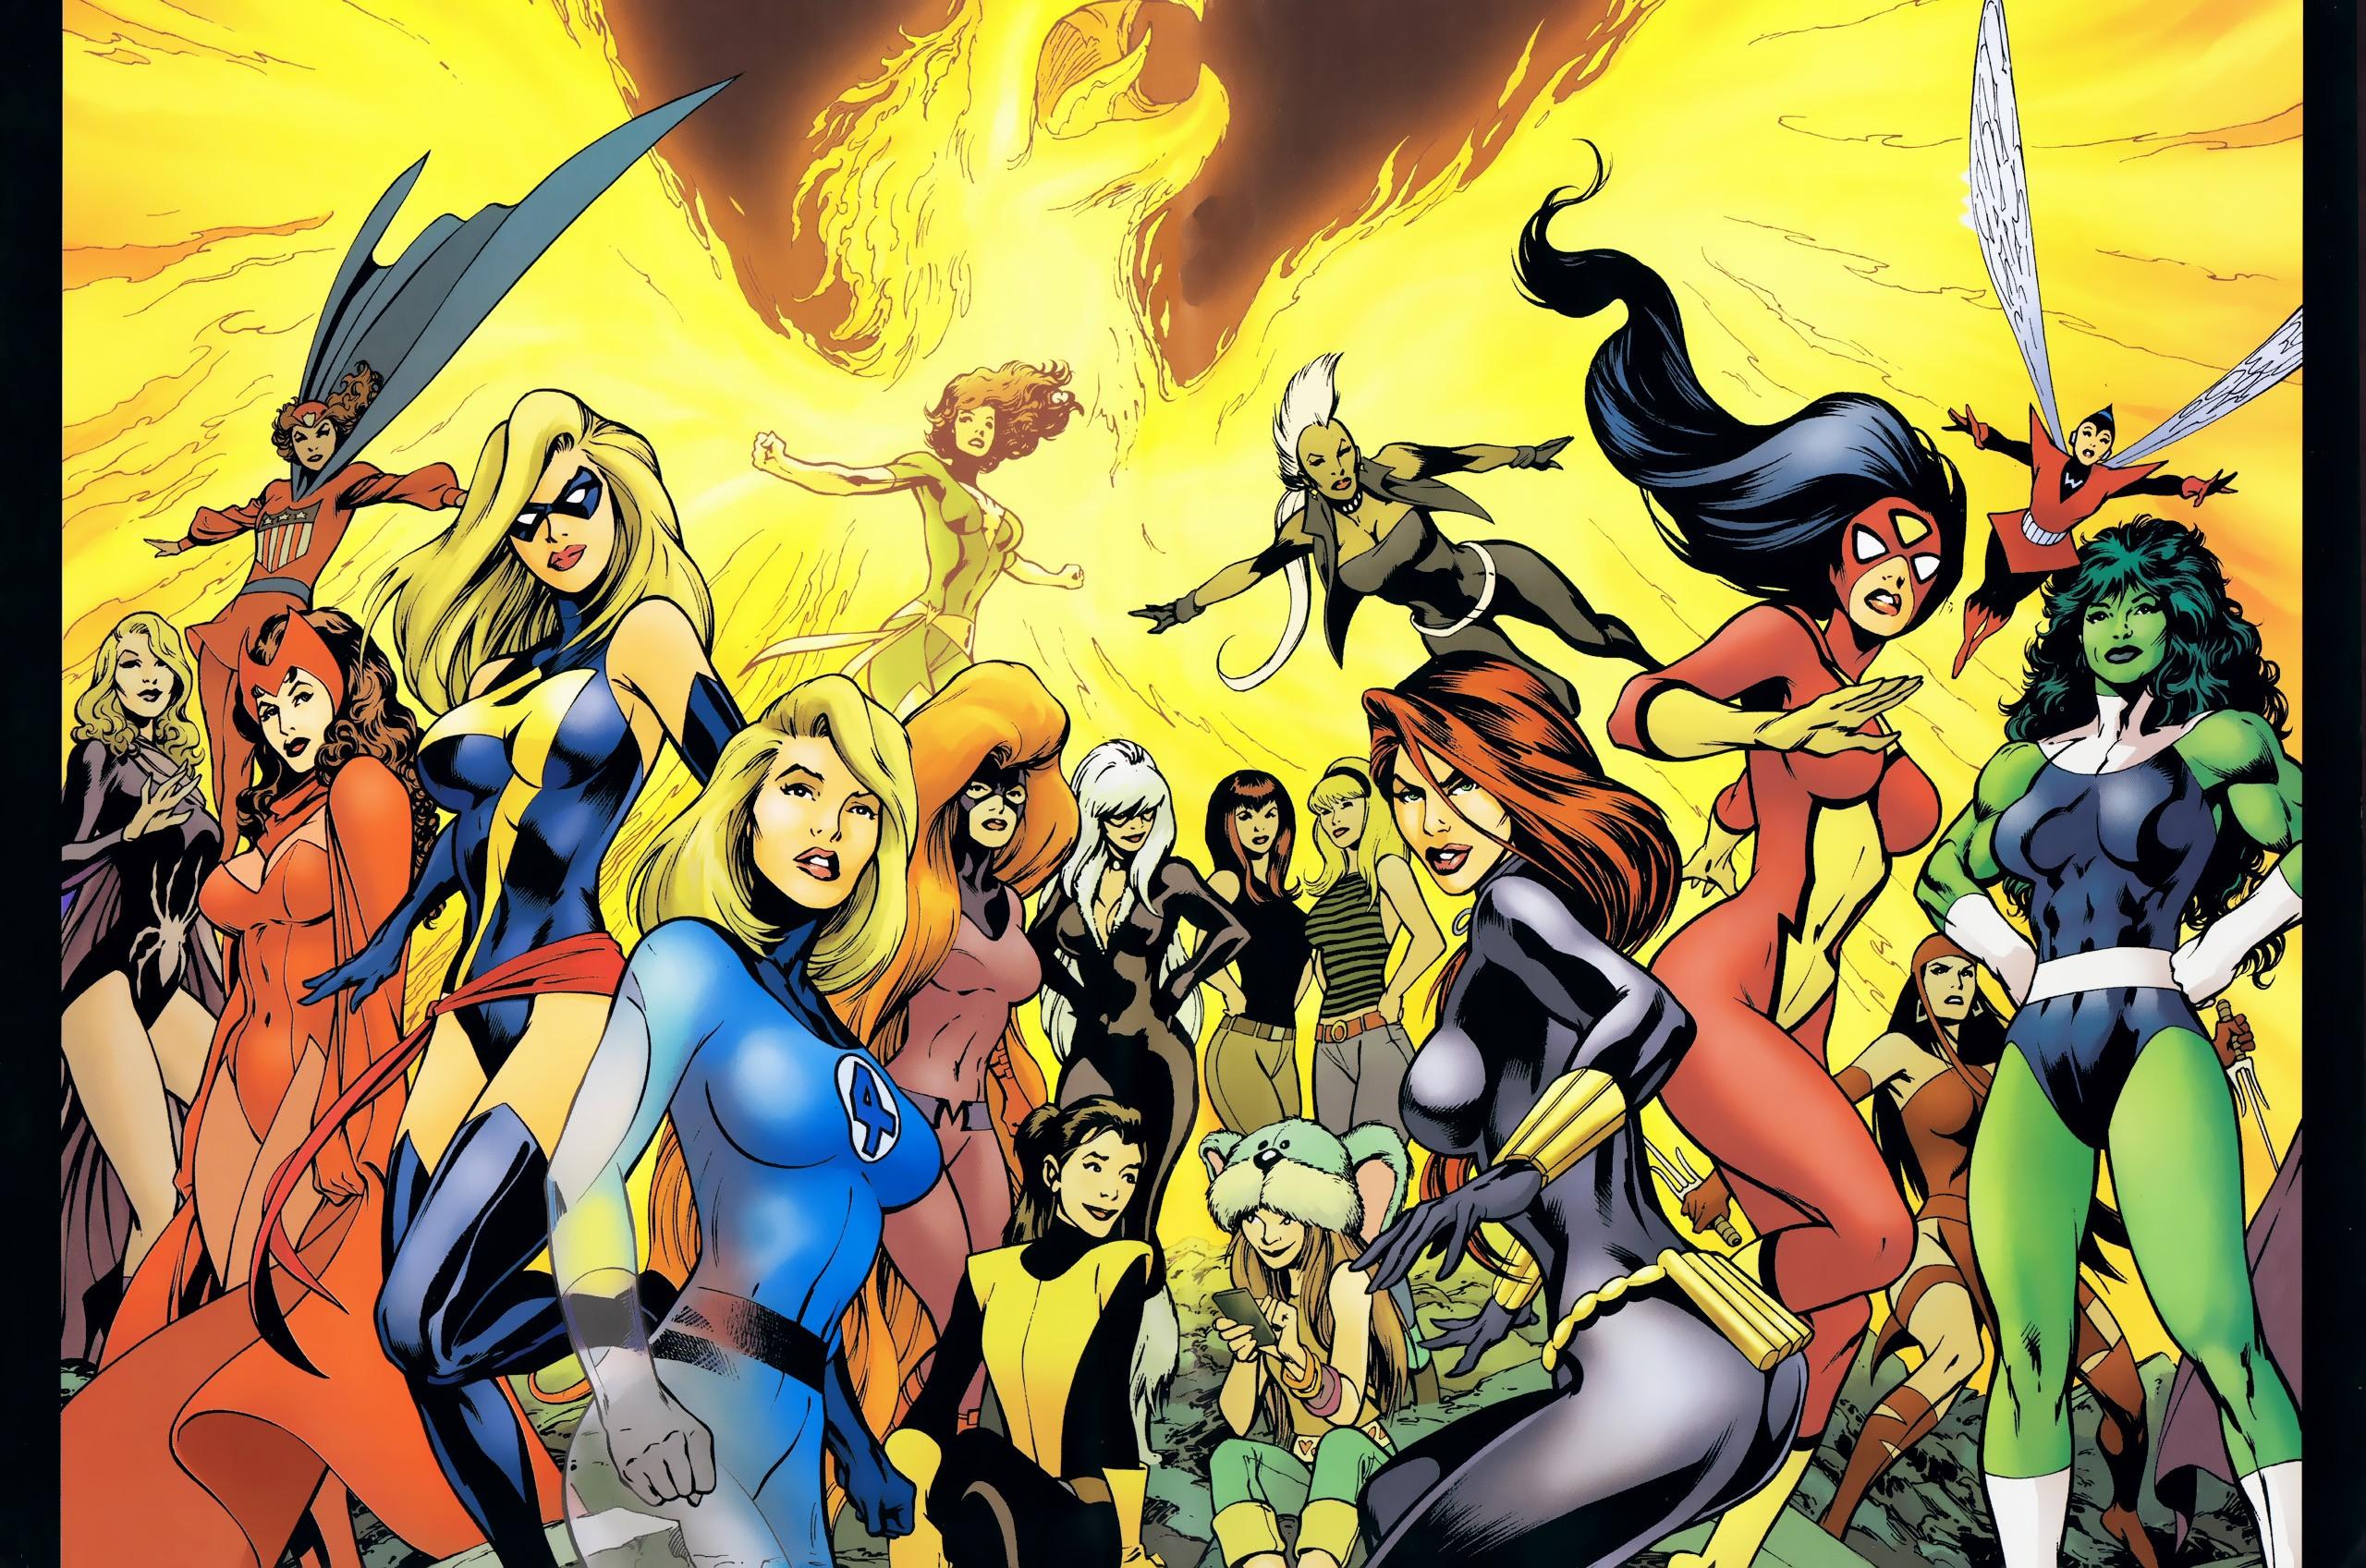 Comics Superheroes Wallpaper 2560x1697 Comics Superheroes Avengers 2560x1697